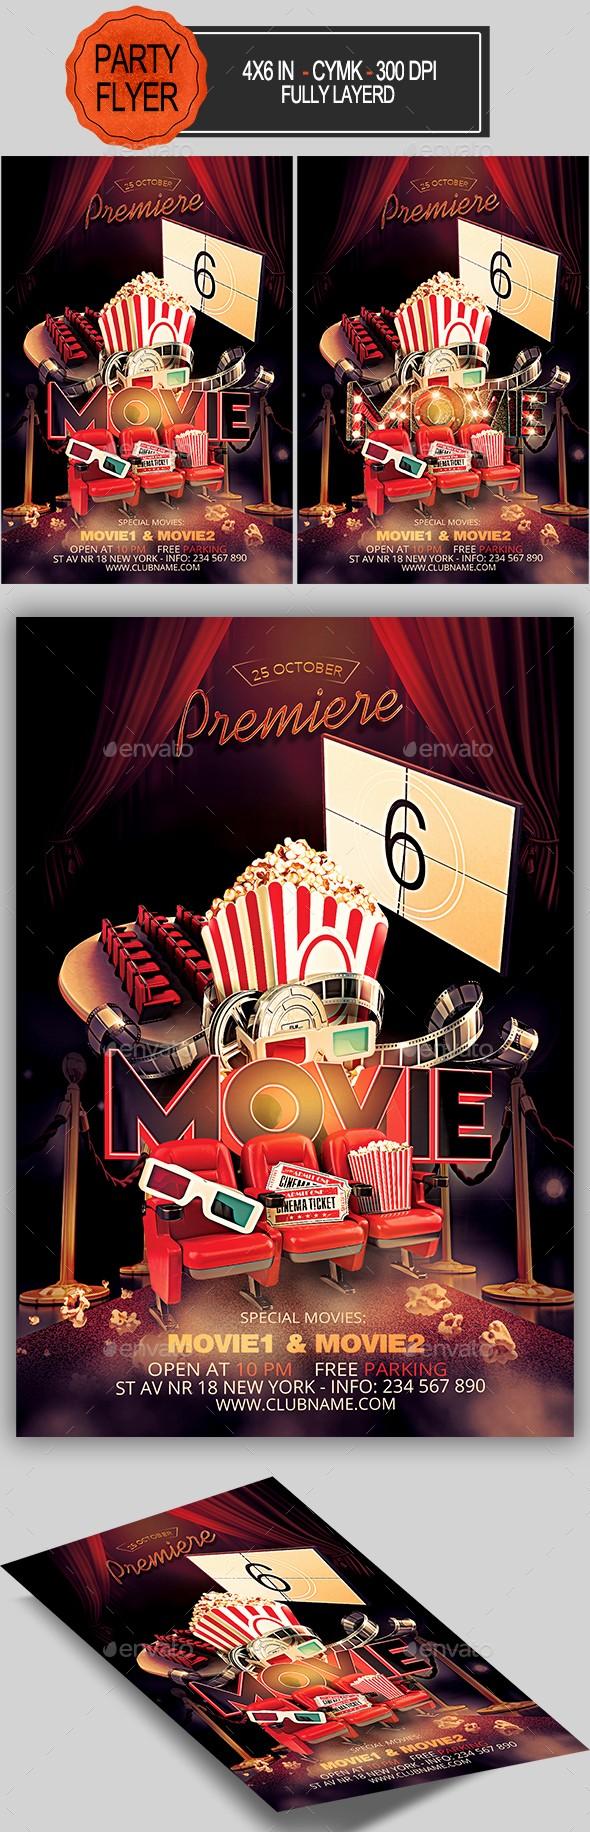 Movie Premiere Invitation Template Free Elegant Red Carpet Premiere Invitation Template Dondrup